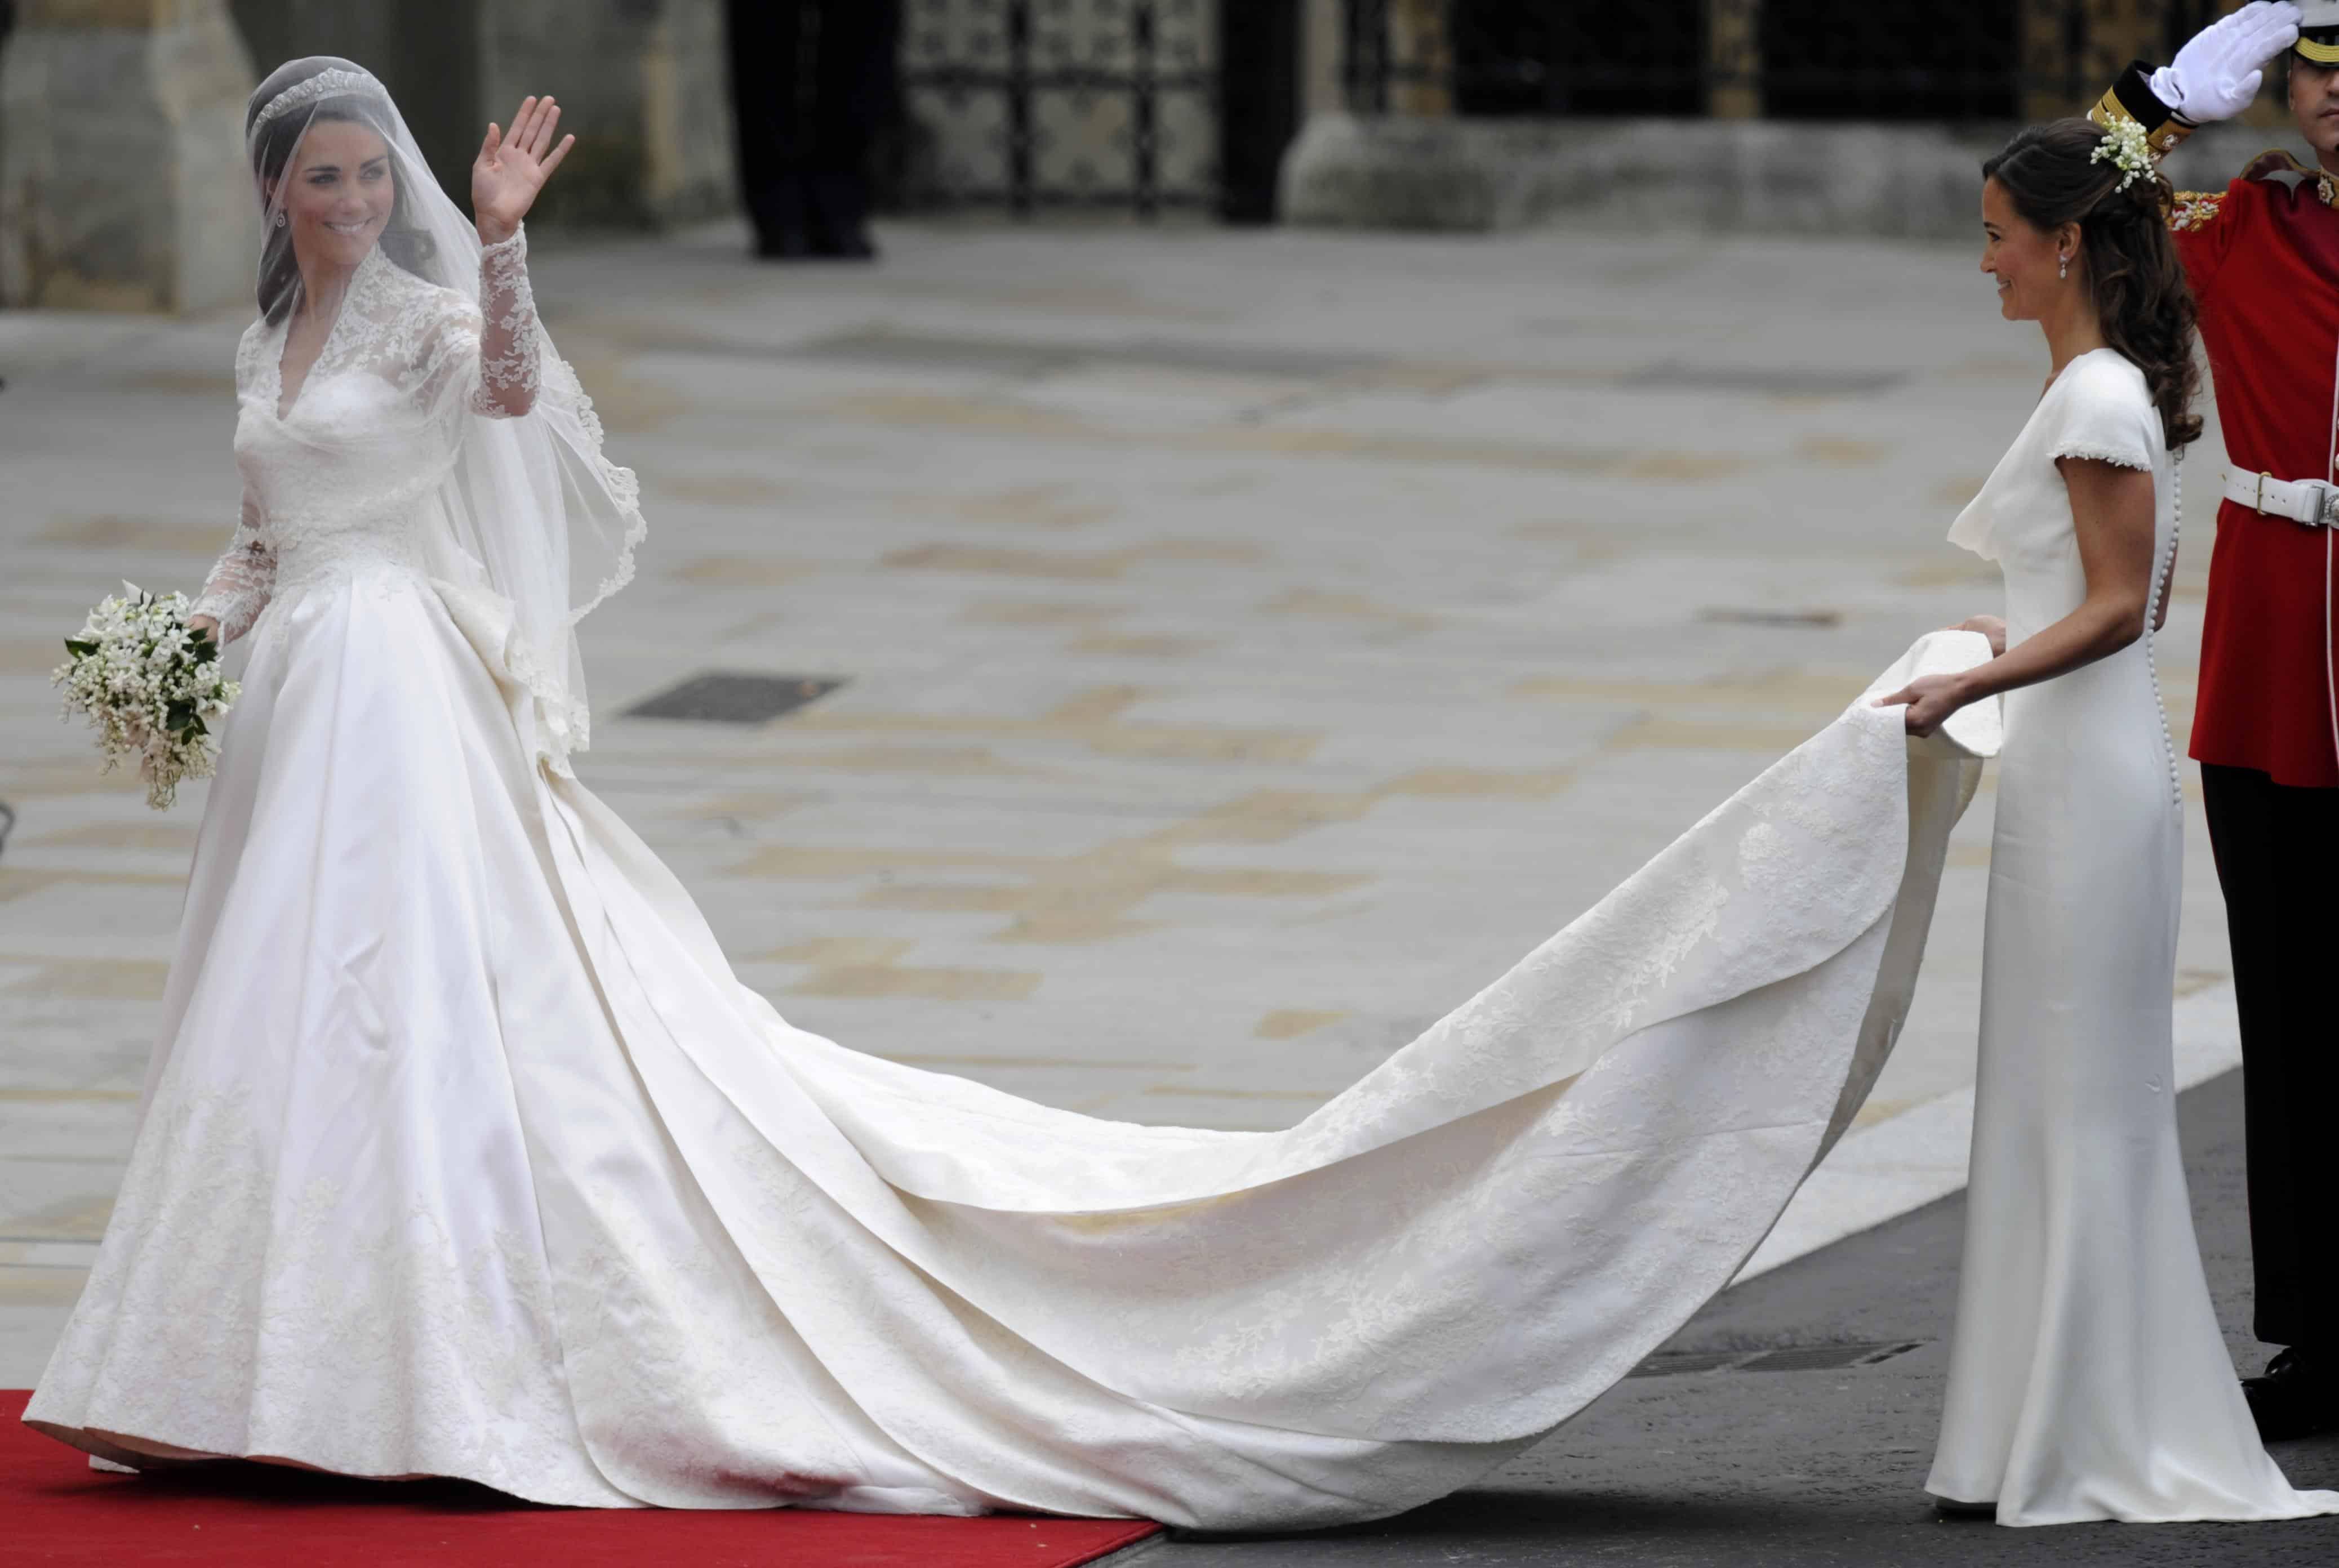 أغلى فساتين زفاف : فستان زفاف كيت ميدلتون